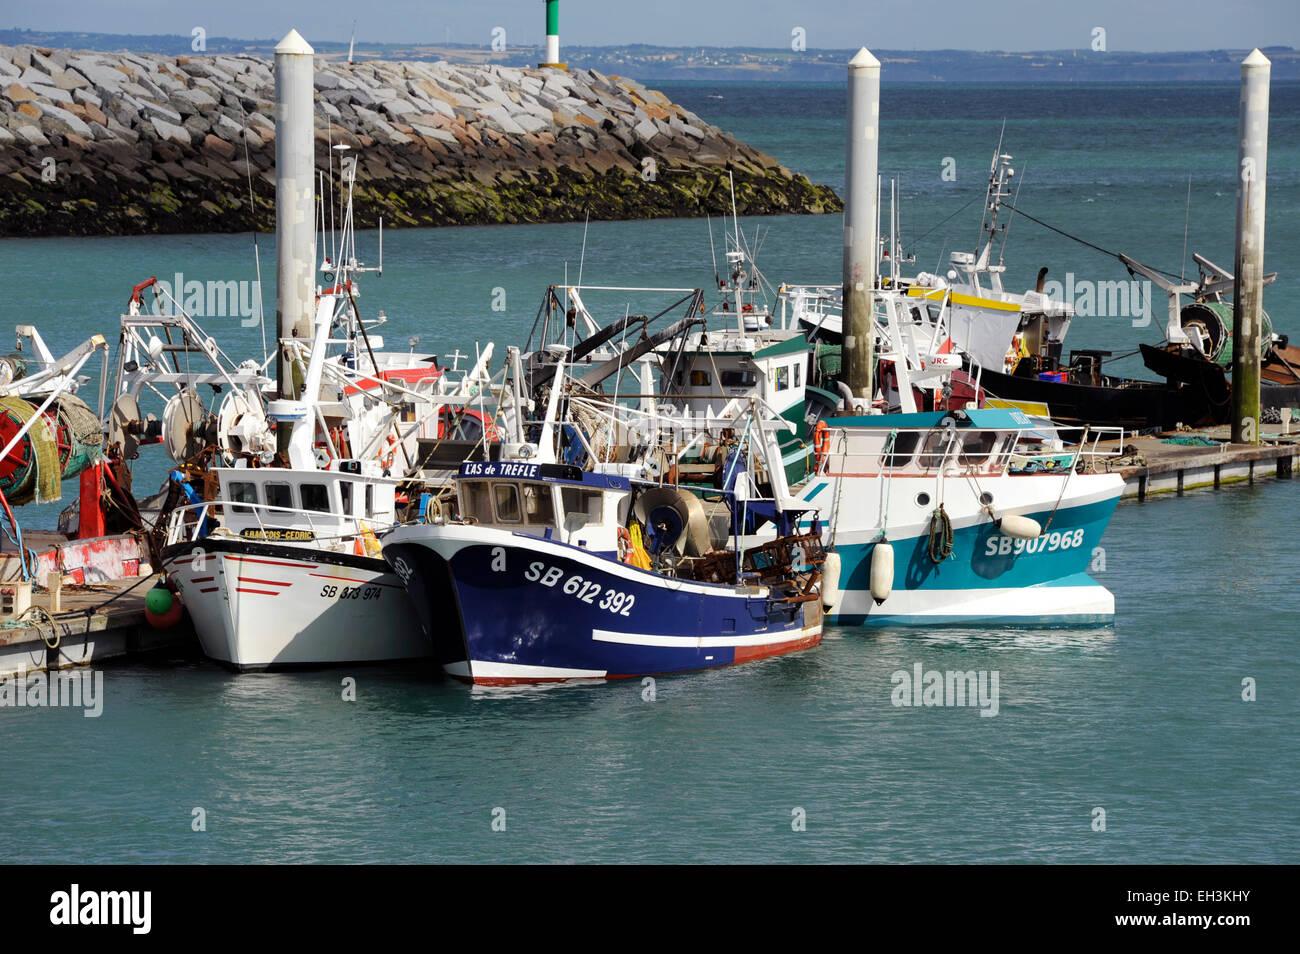 Saint-Quay-portrieux puerto pesquero,Cotes d'Armor, Bretaña, Bretaña, Francia Imagen De Stock